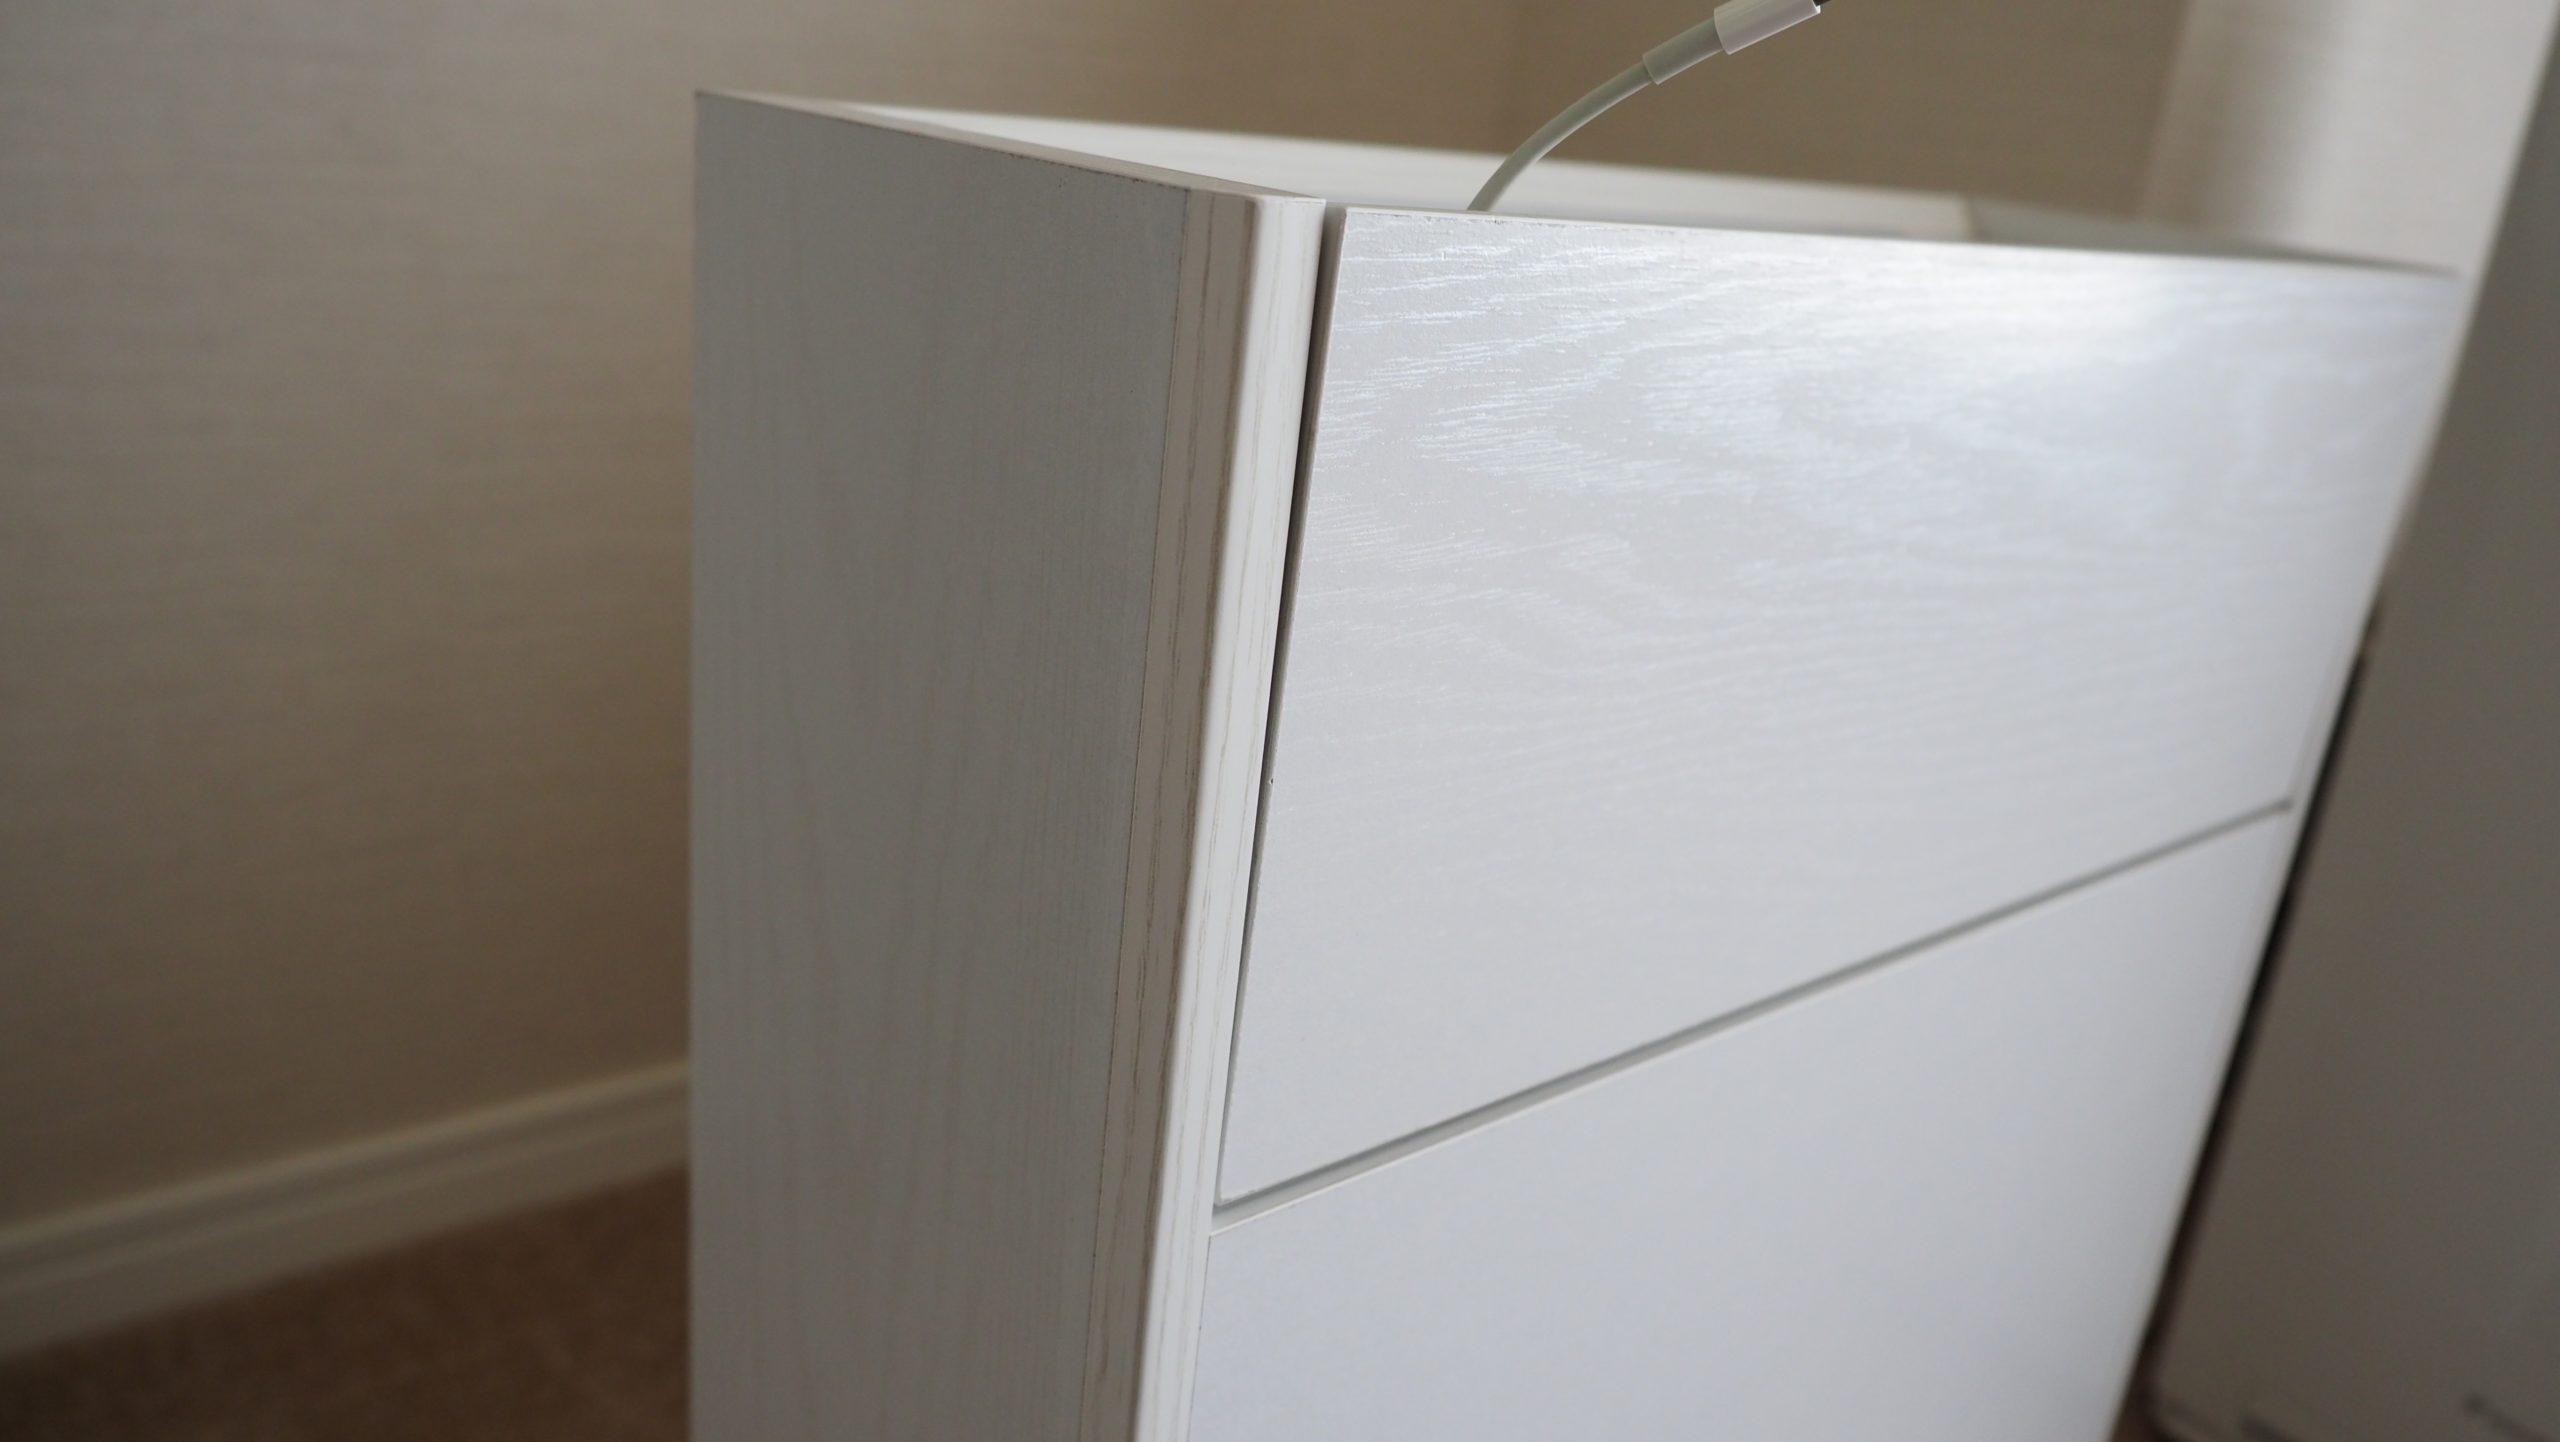 サンワダイレクトのルーター収納ボックスのホワイト